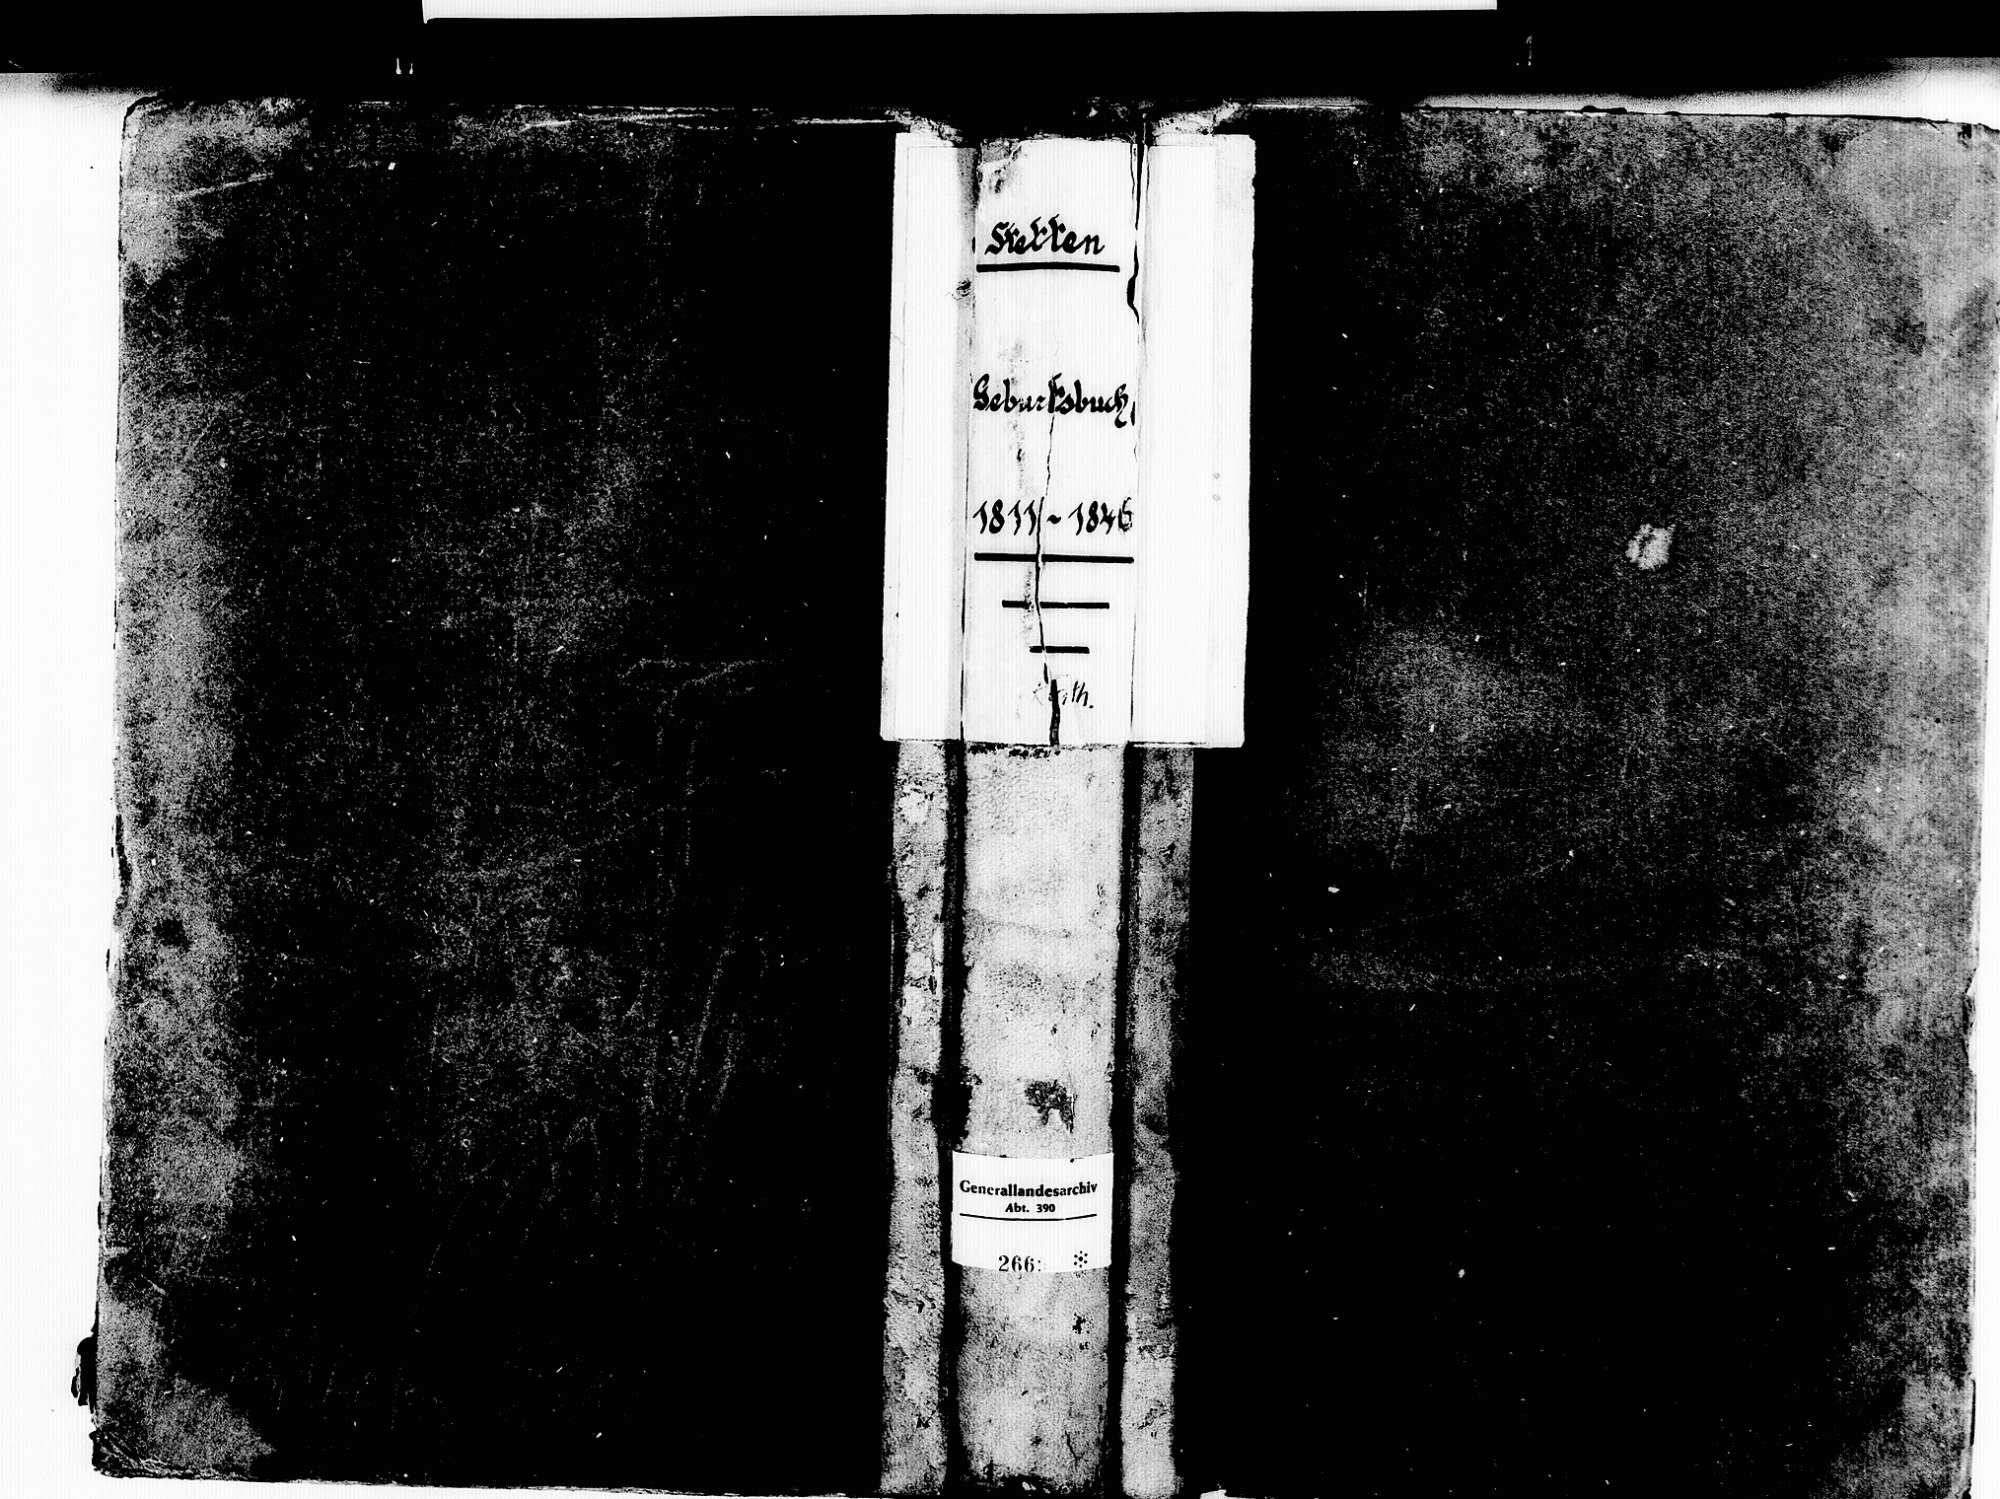 Stetten, aufgegangen in Lörrach LÖ; Katholische Gemeinde: Geburtenbuch 1811-1846, Bild 1